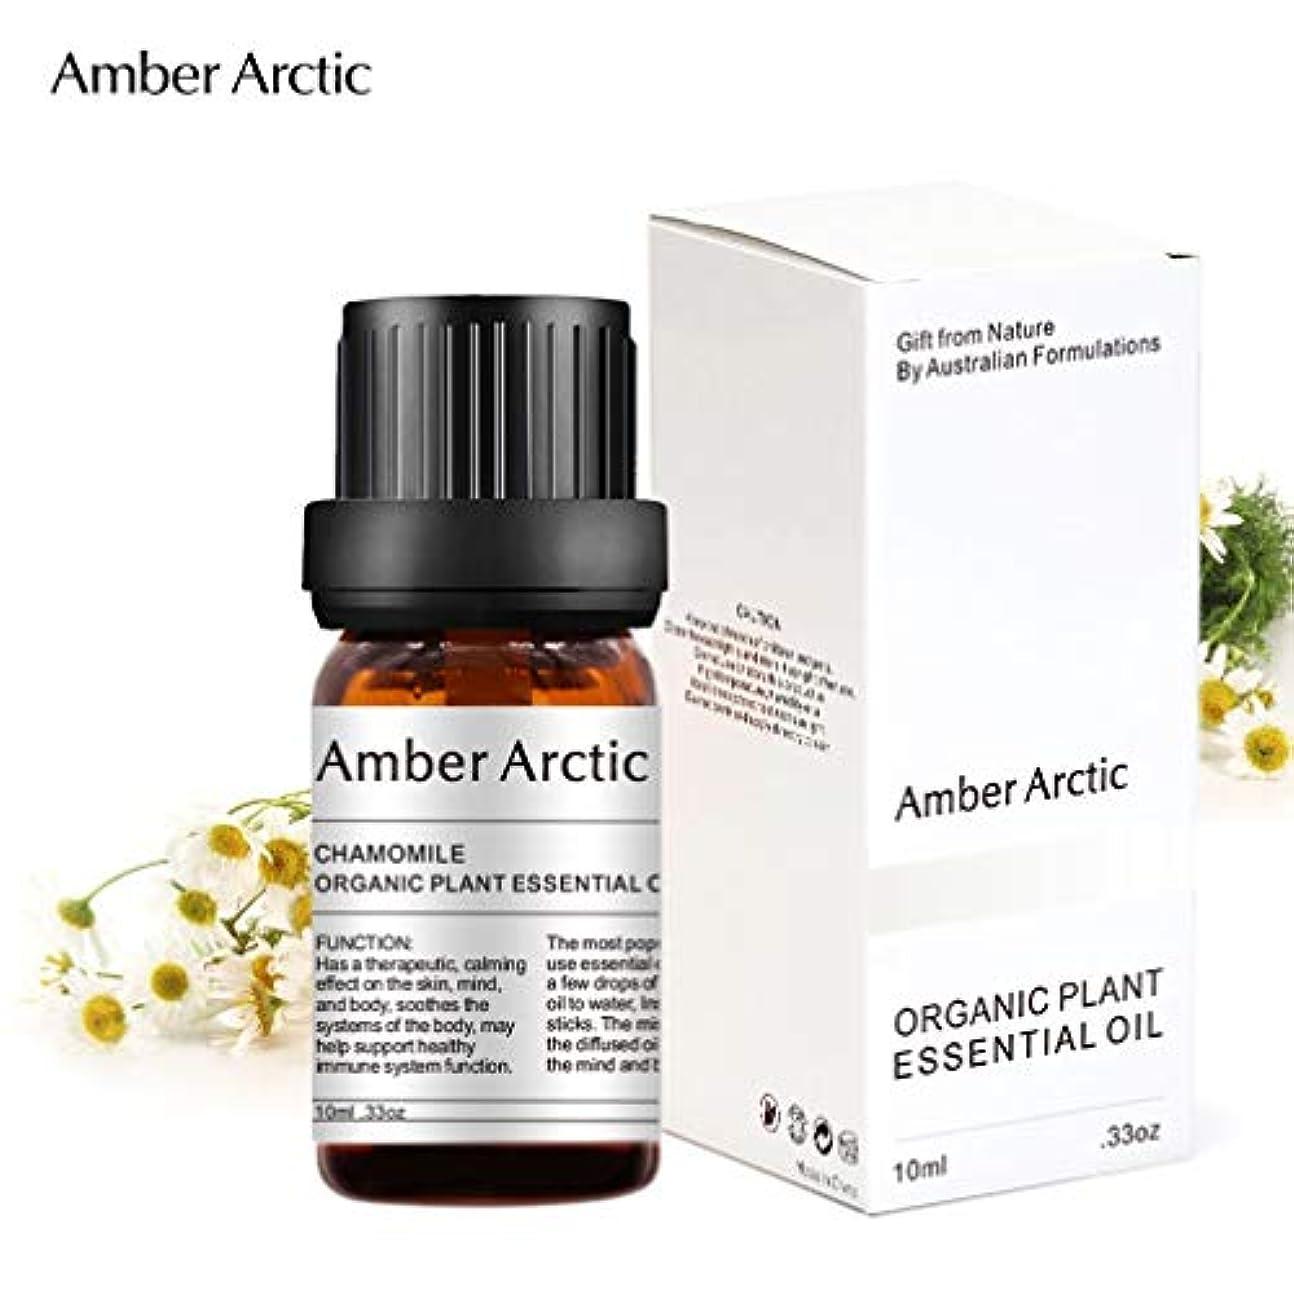 熟読今日増強するAmber Arctic カモミール エッセンシャル オイル、100% ピュア 天然 アロマテラピー カモミール オイル スプレッド 用 (10ML) カモミール